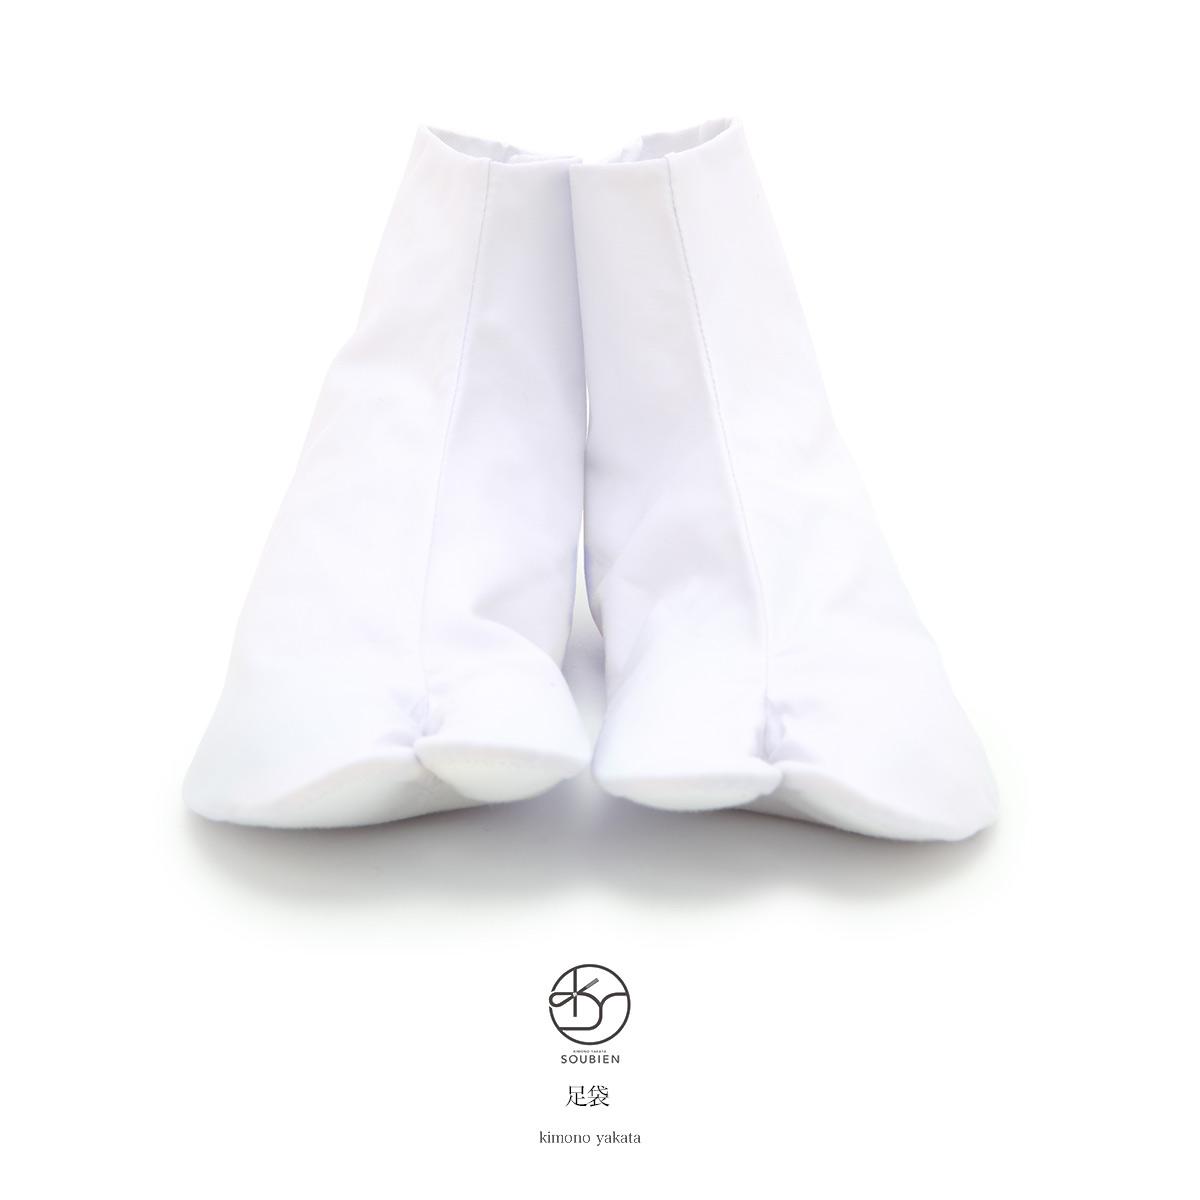 足袋,白,着物,フィット足袋,きねや足袋,東洋紡エスパ